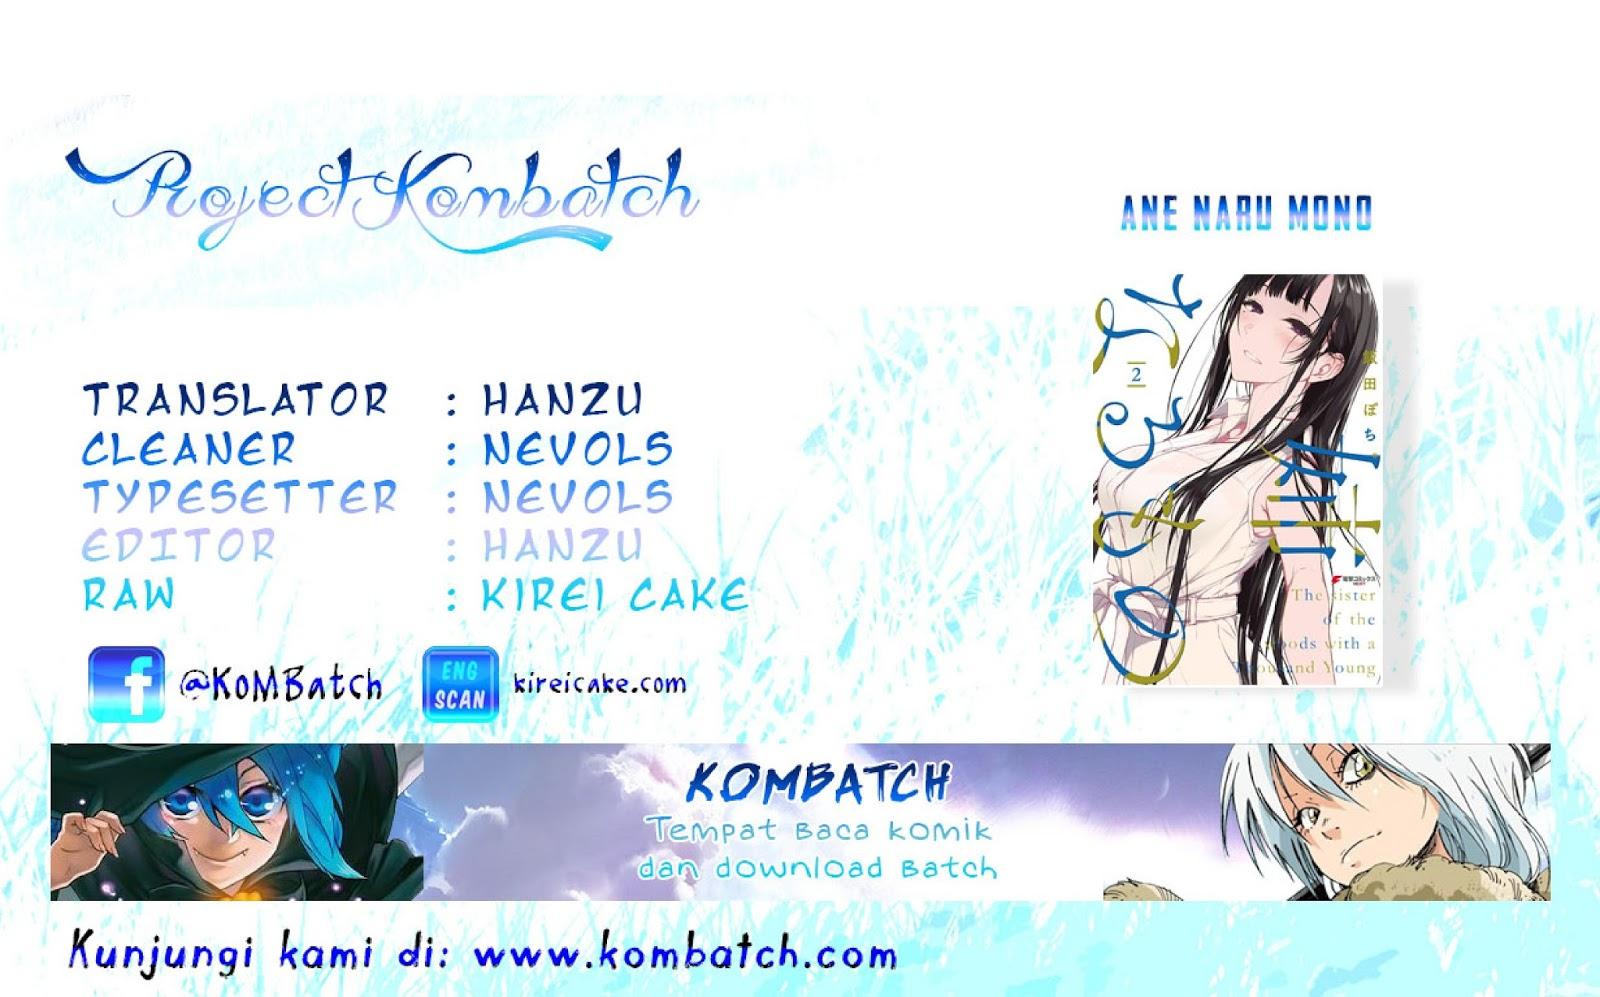 Baca Komik Ane Naru Mono Chapter 19 Komik Station